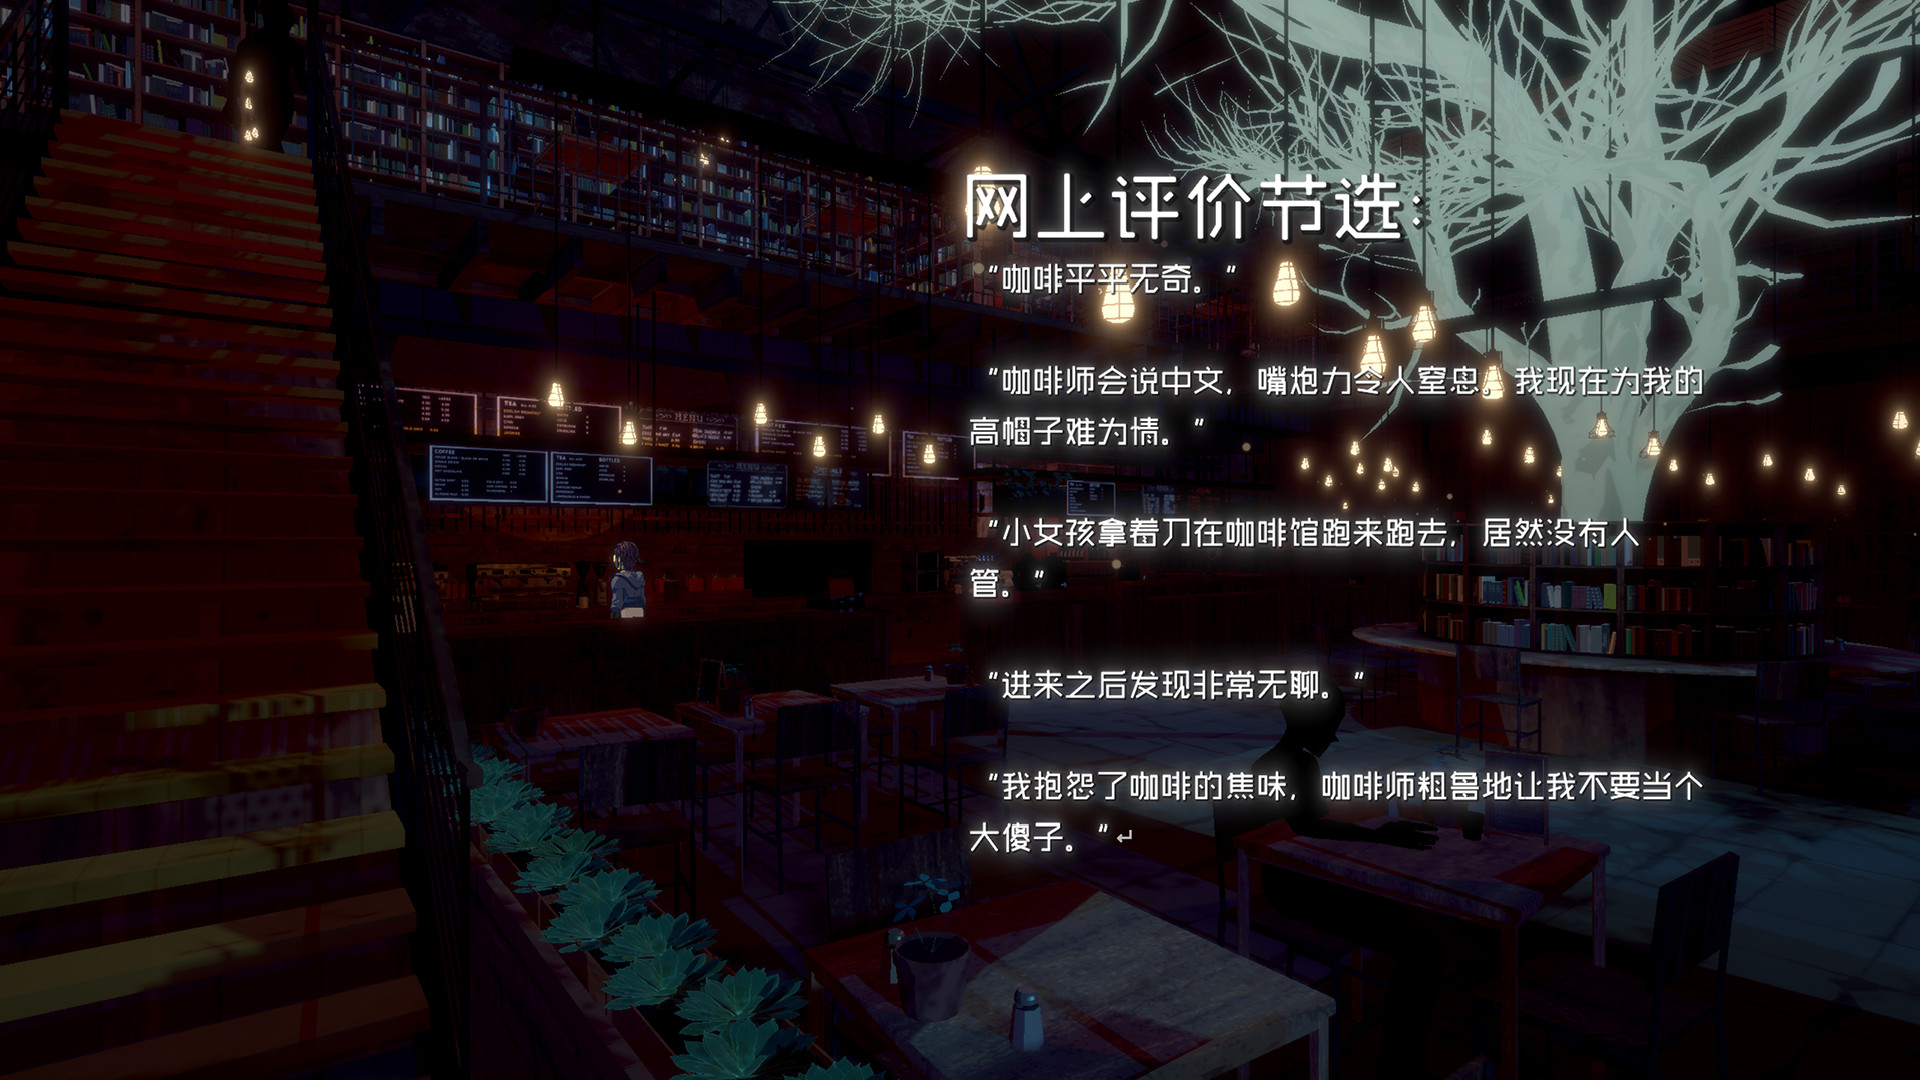 《终点咖啡馆》全新预告发布 7月23日登陆Steam